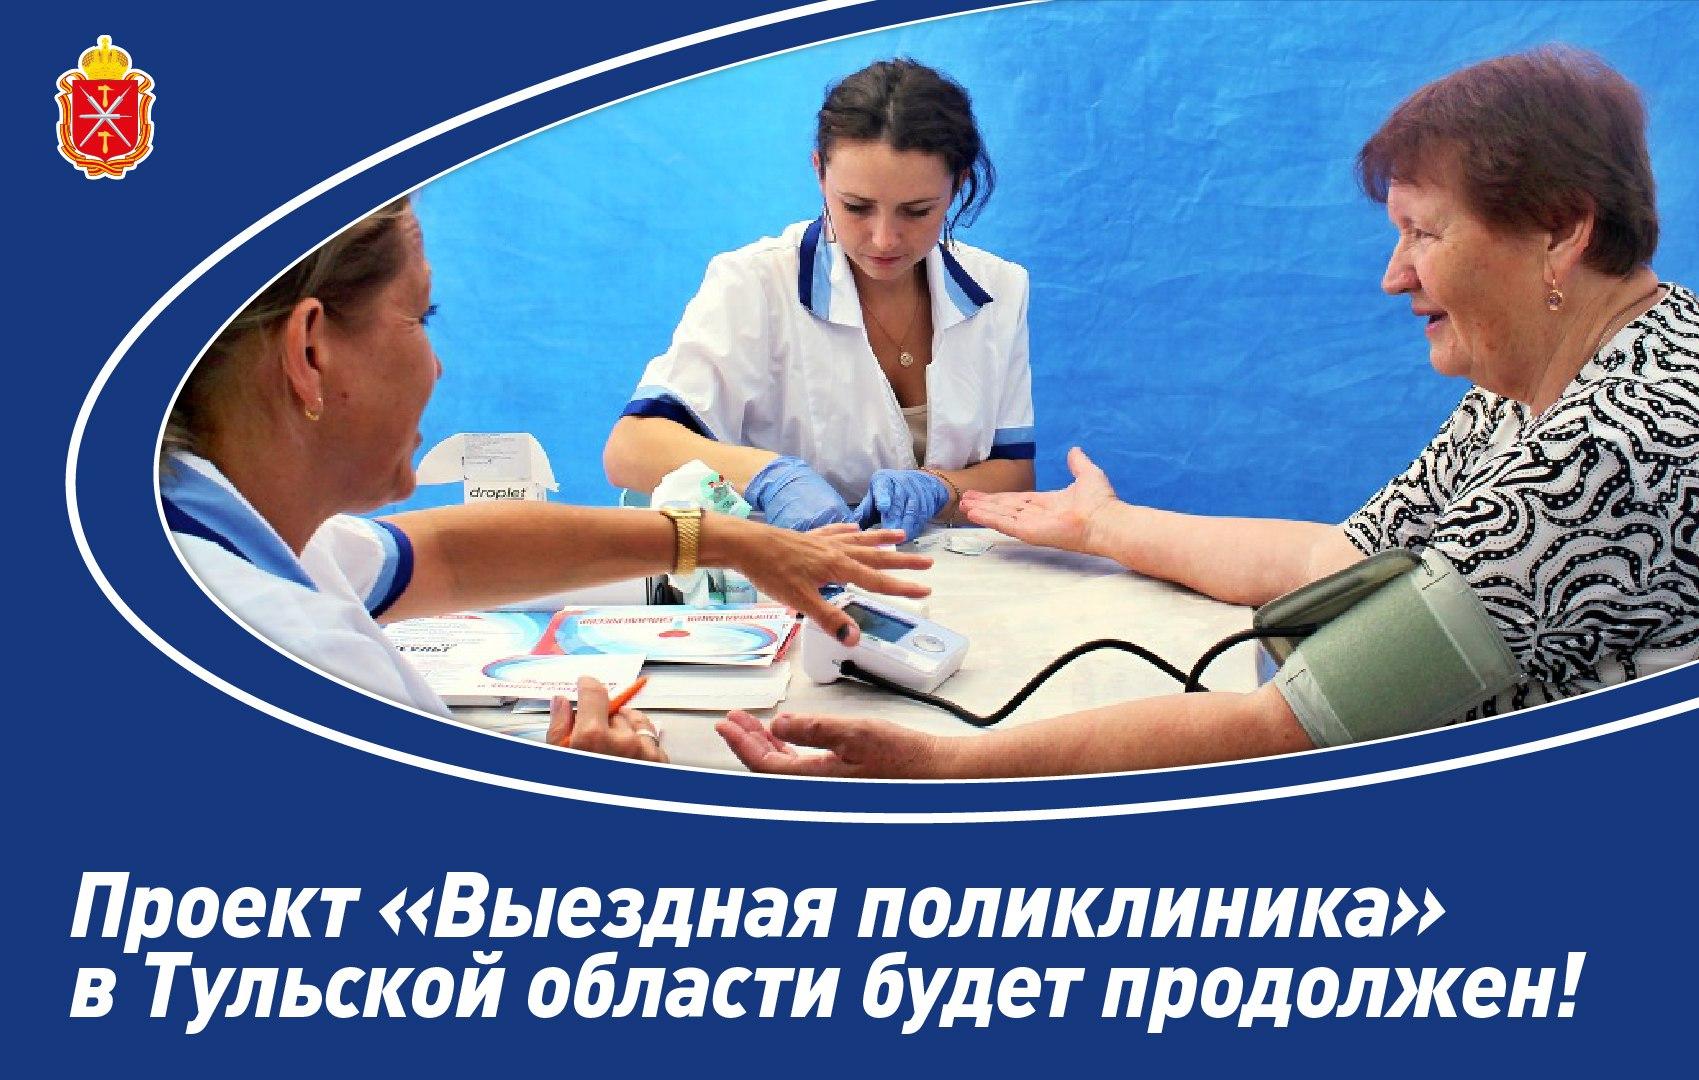 «Выездная поликлиника» в Узловой 5 июля с 9.00 до 13.00 и с 14.00 до 18.00